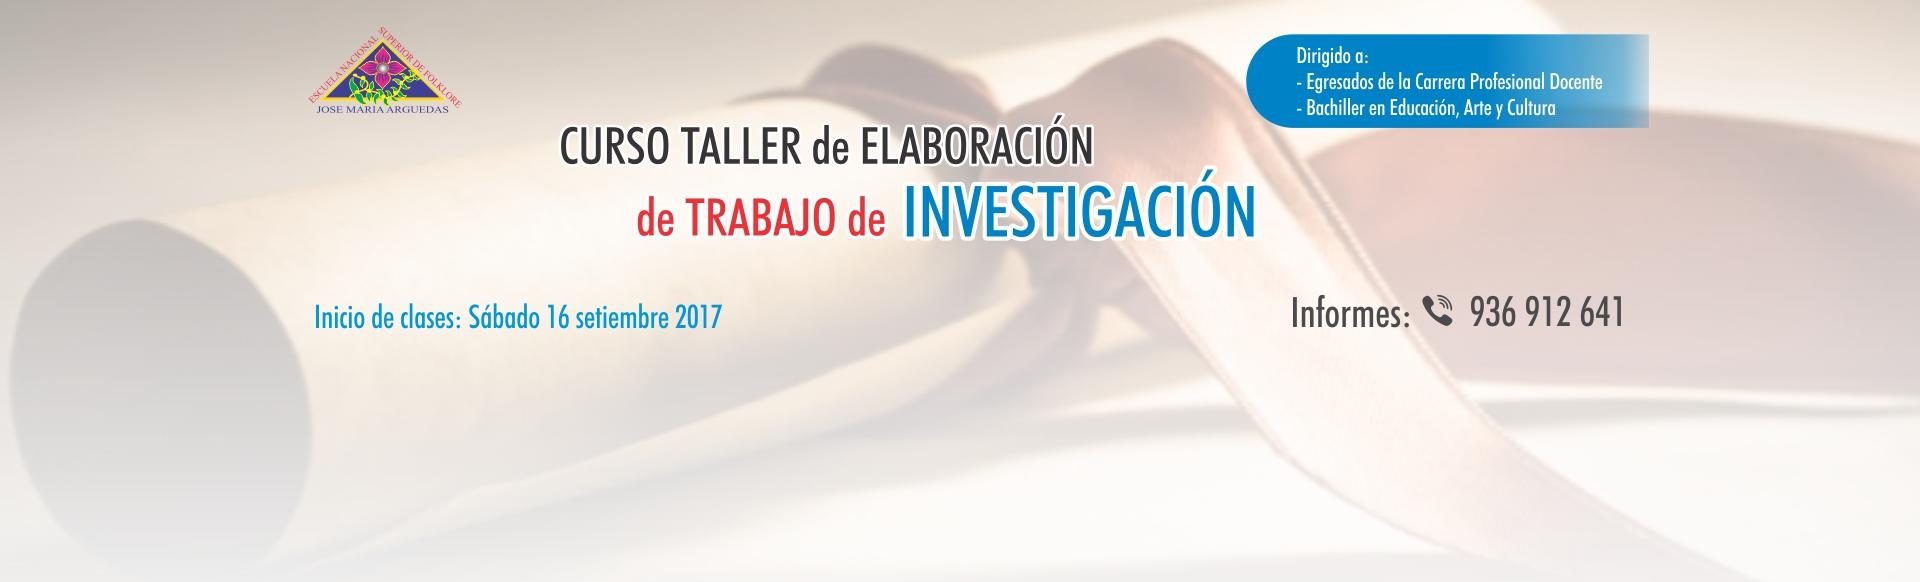 taller_elaborcion2